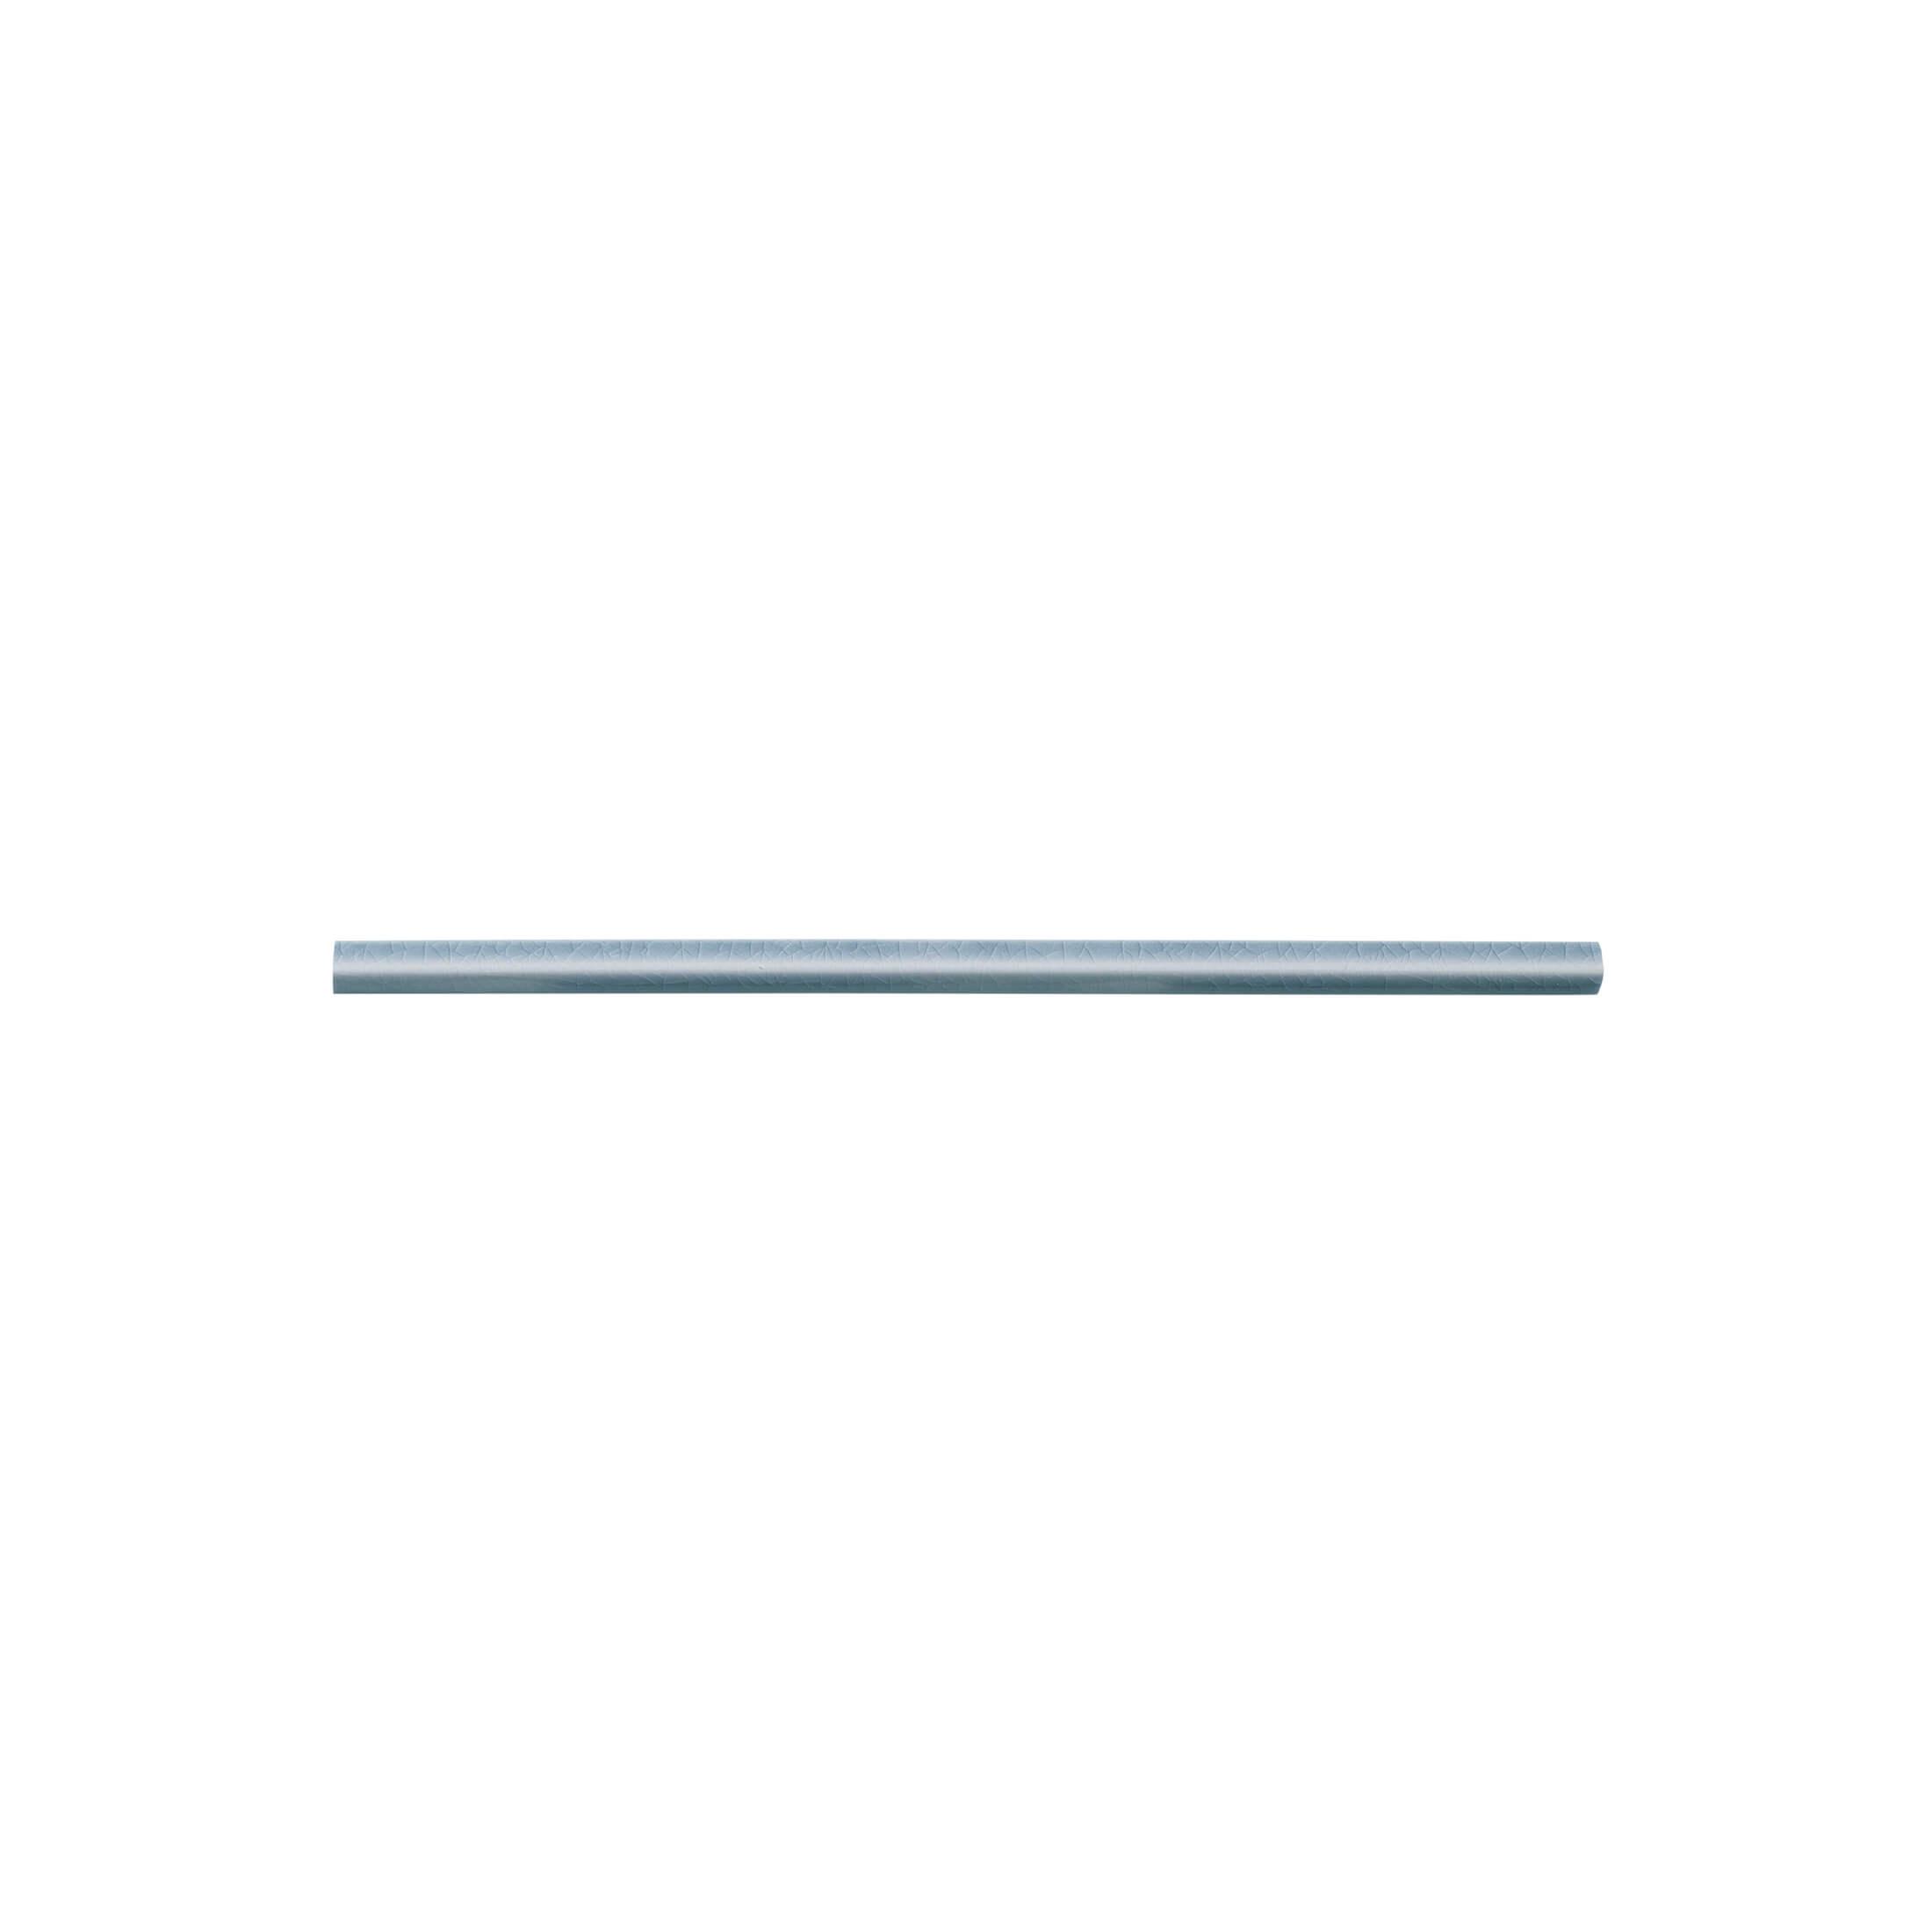 ADMO5426 - BULLNOSE TRIM C/C - 0.85 cm X 20 cm